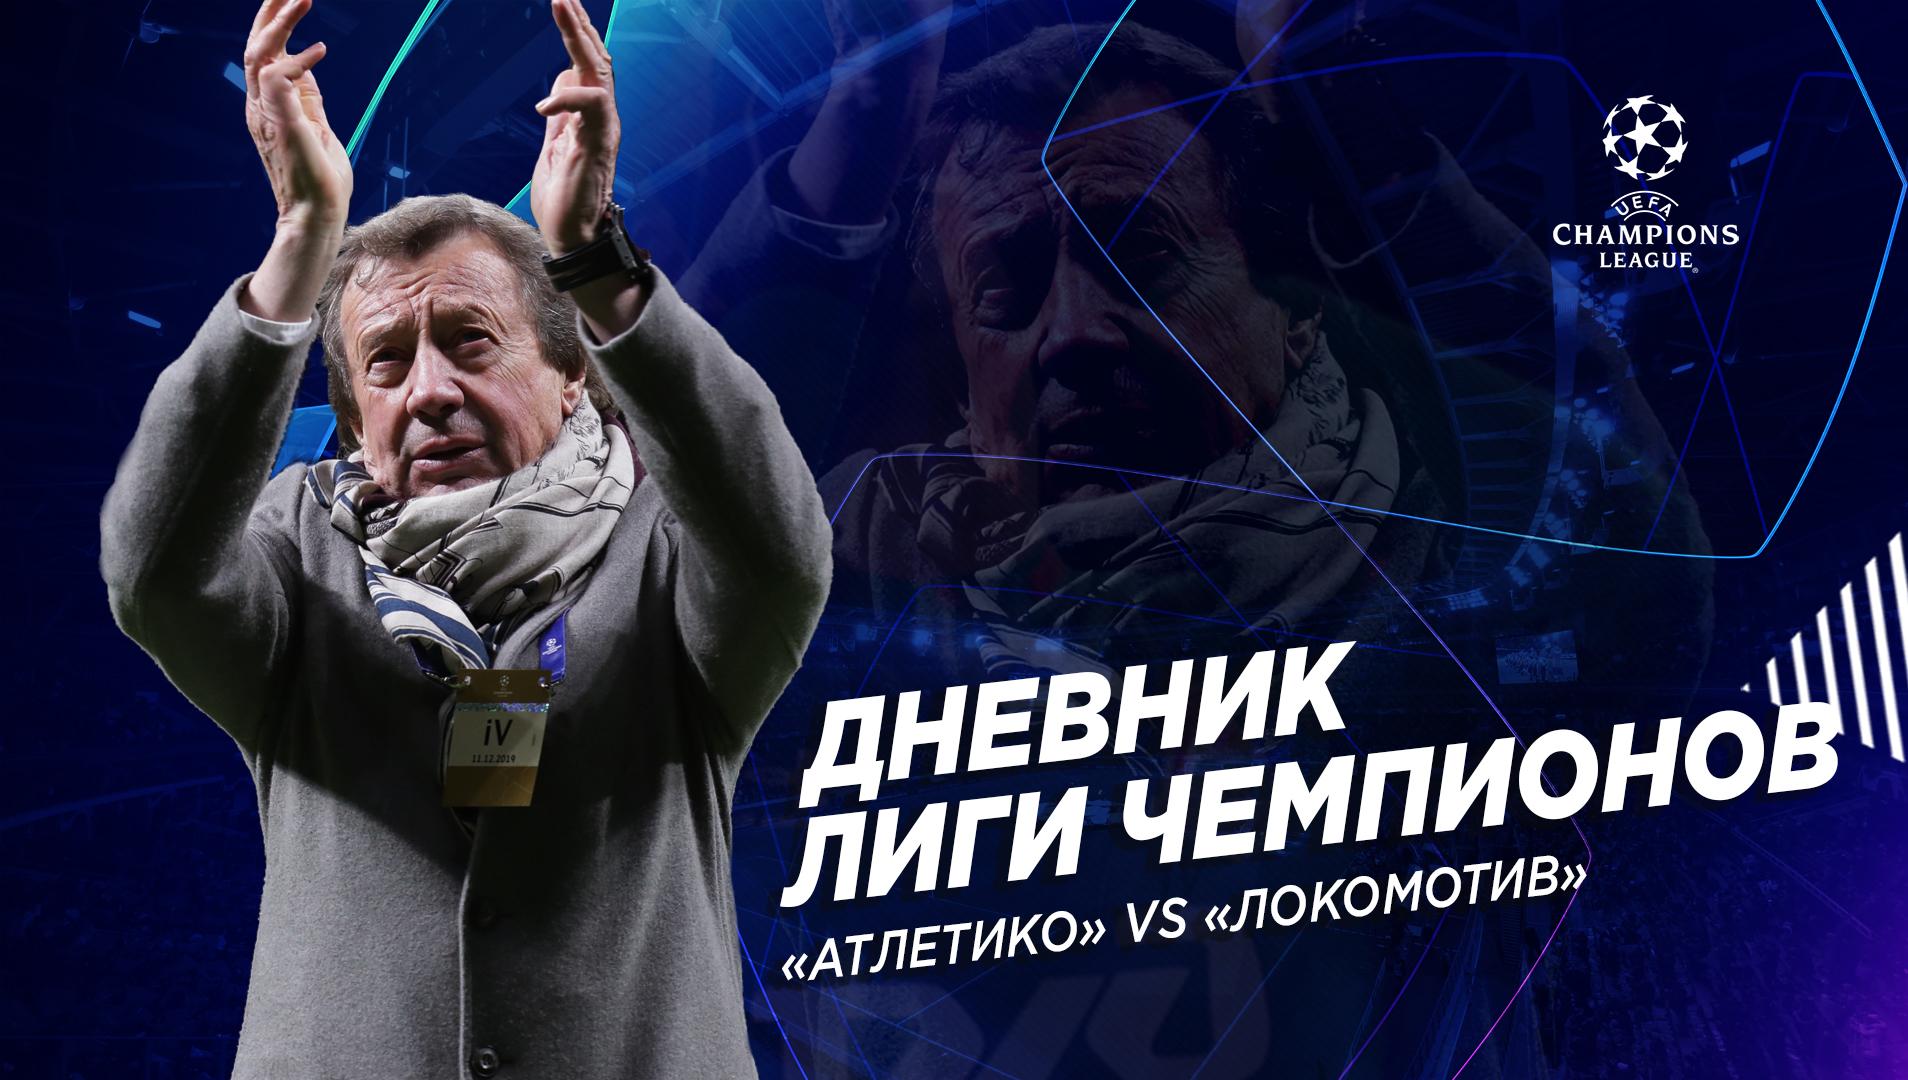 «Атлетико» – «Локомотив». Дневник Лиги чемпионов. Тур 6